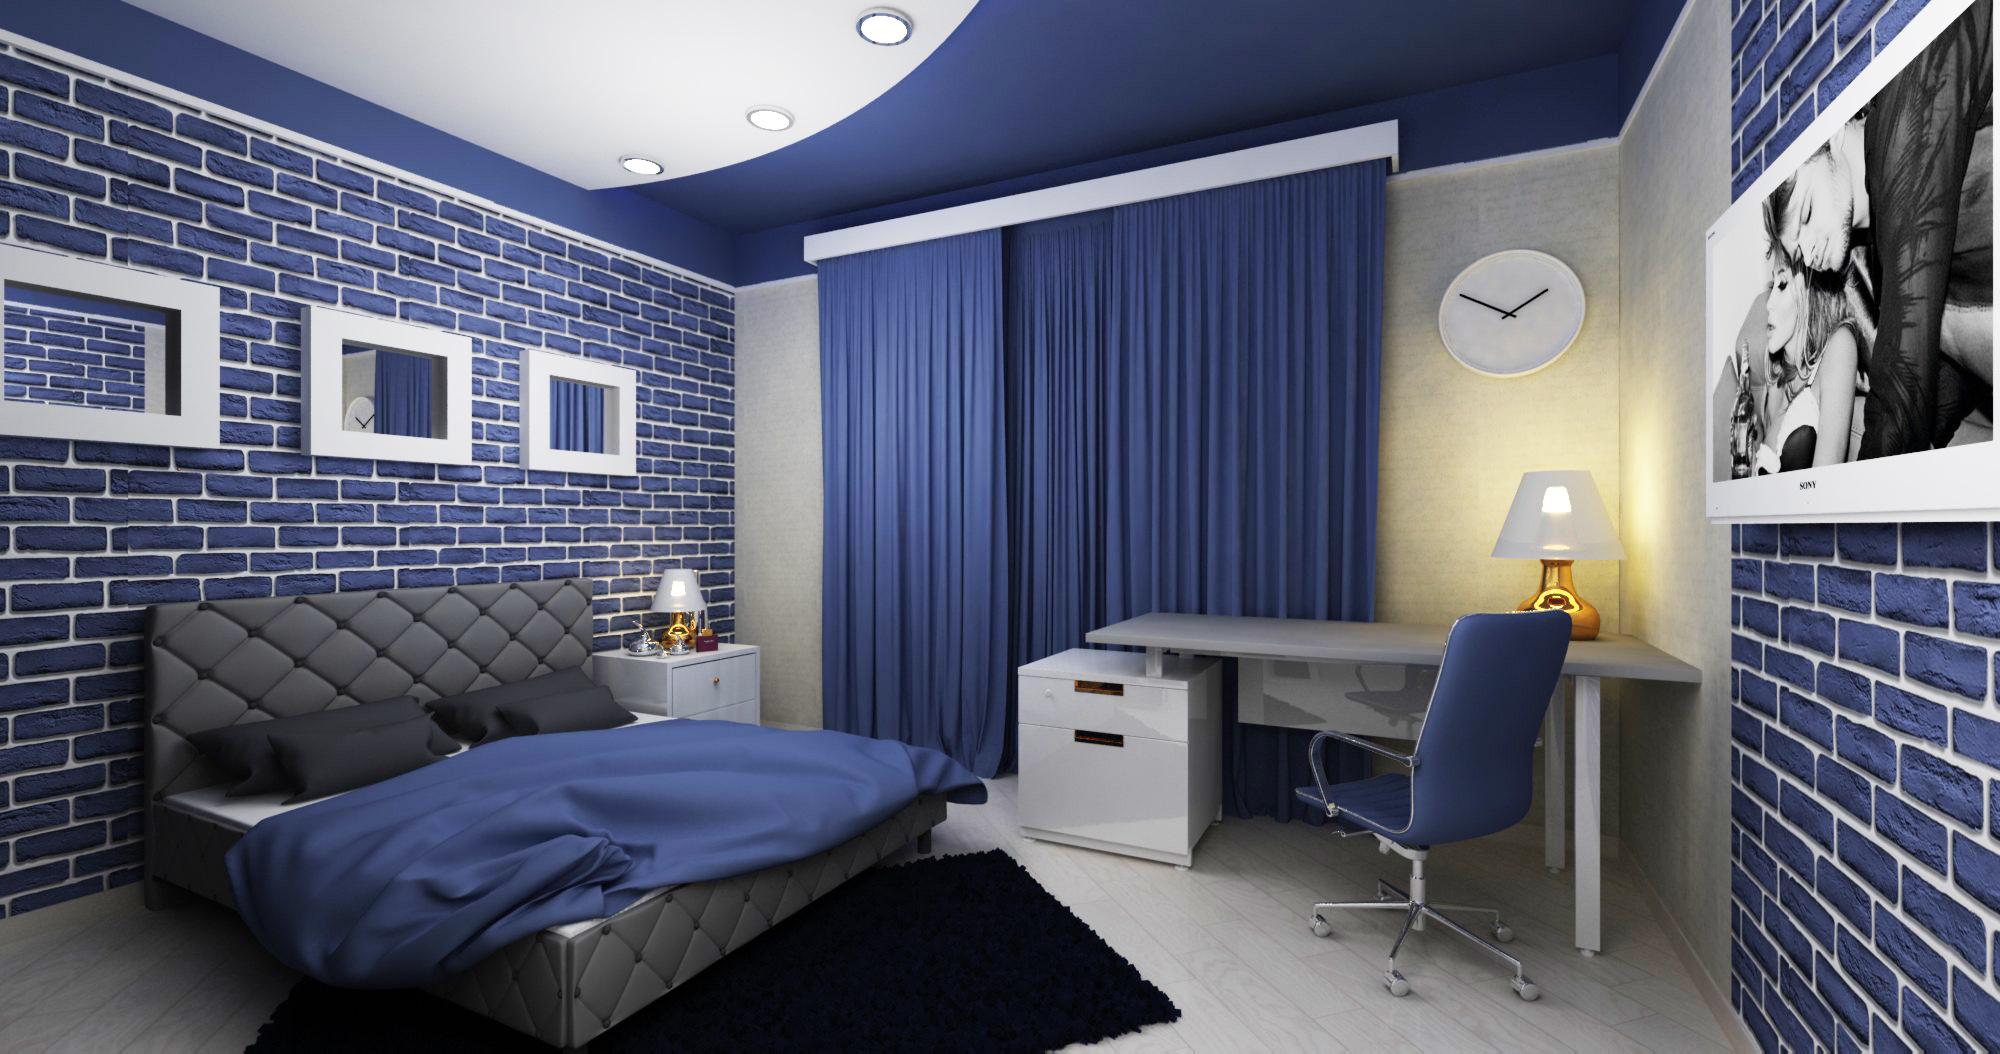 Комната мальчика-подростка – полигон для самых смелых дизайнерских экспериментов